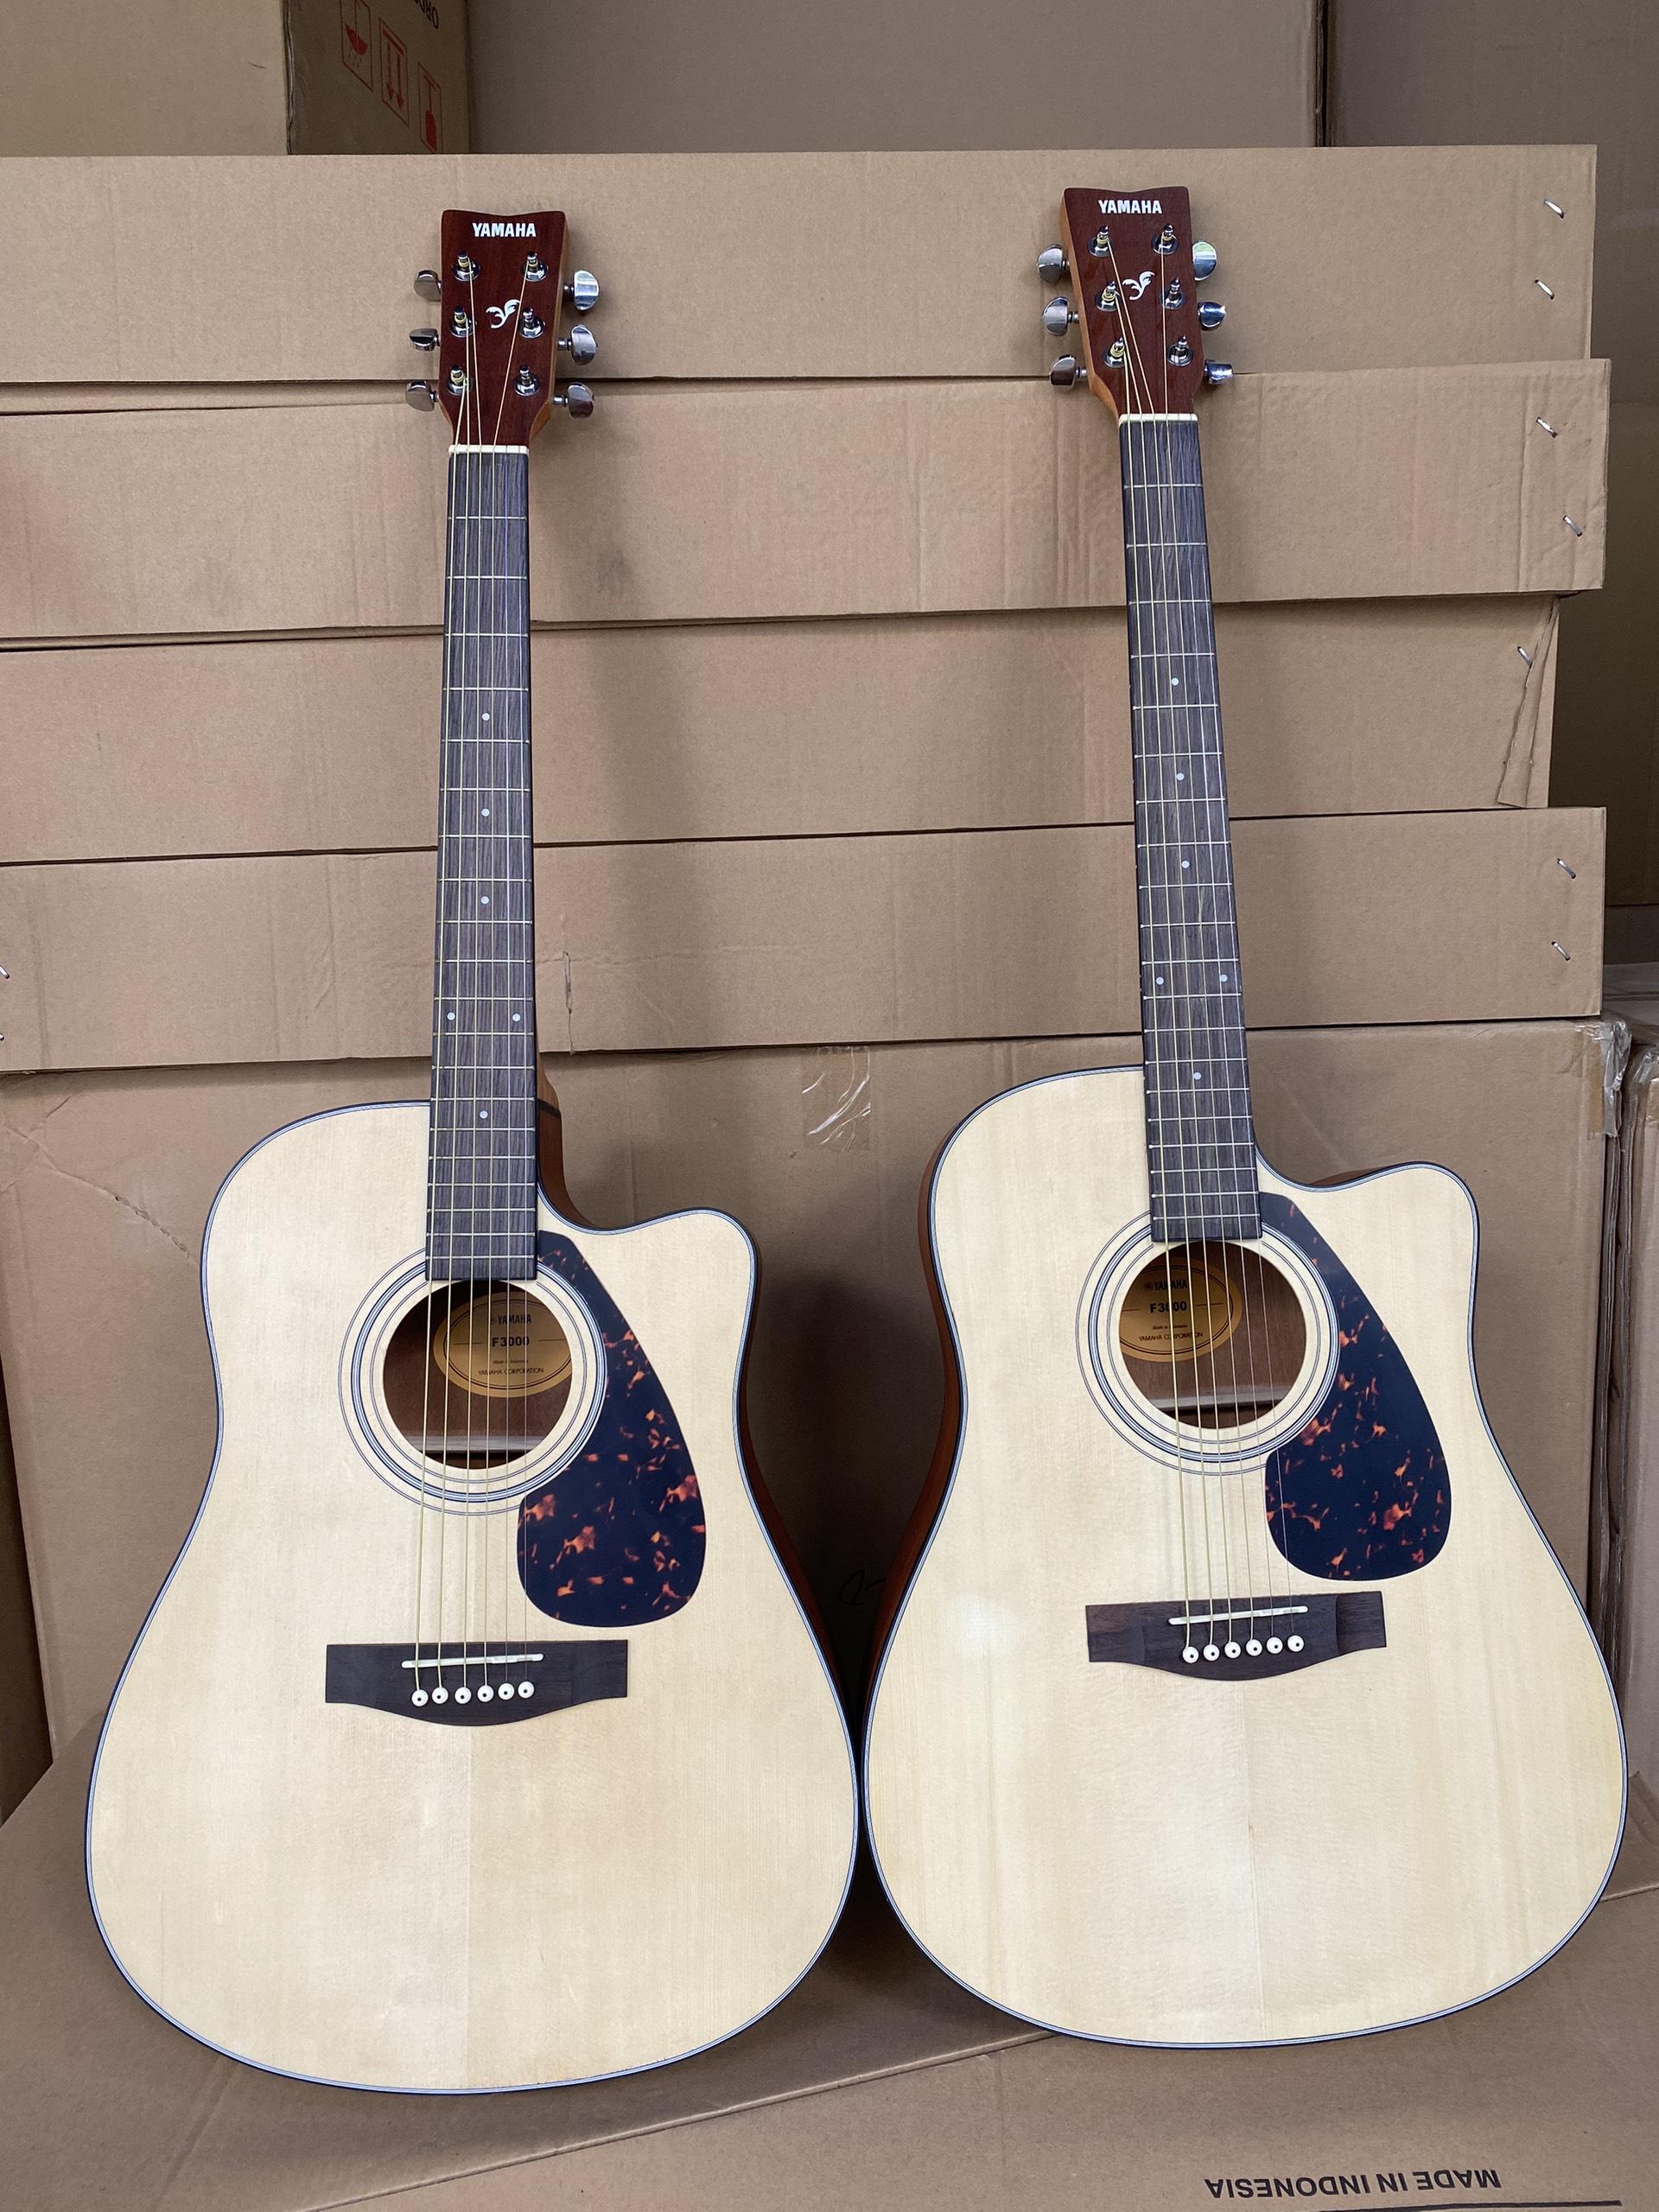 Bán sỉ đàn guitar thùng Yamaha F3000 giá rẻ